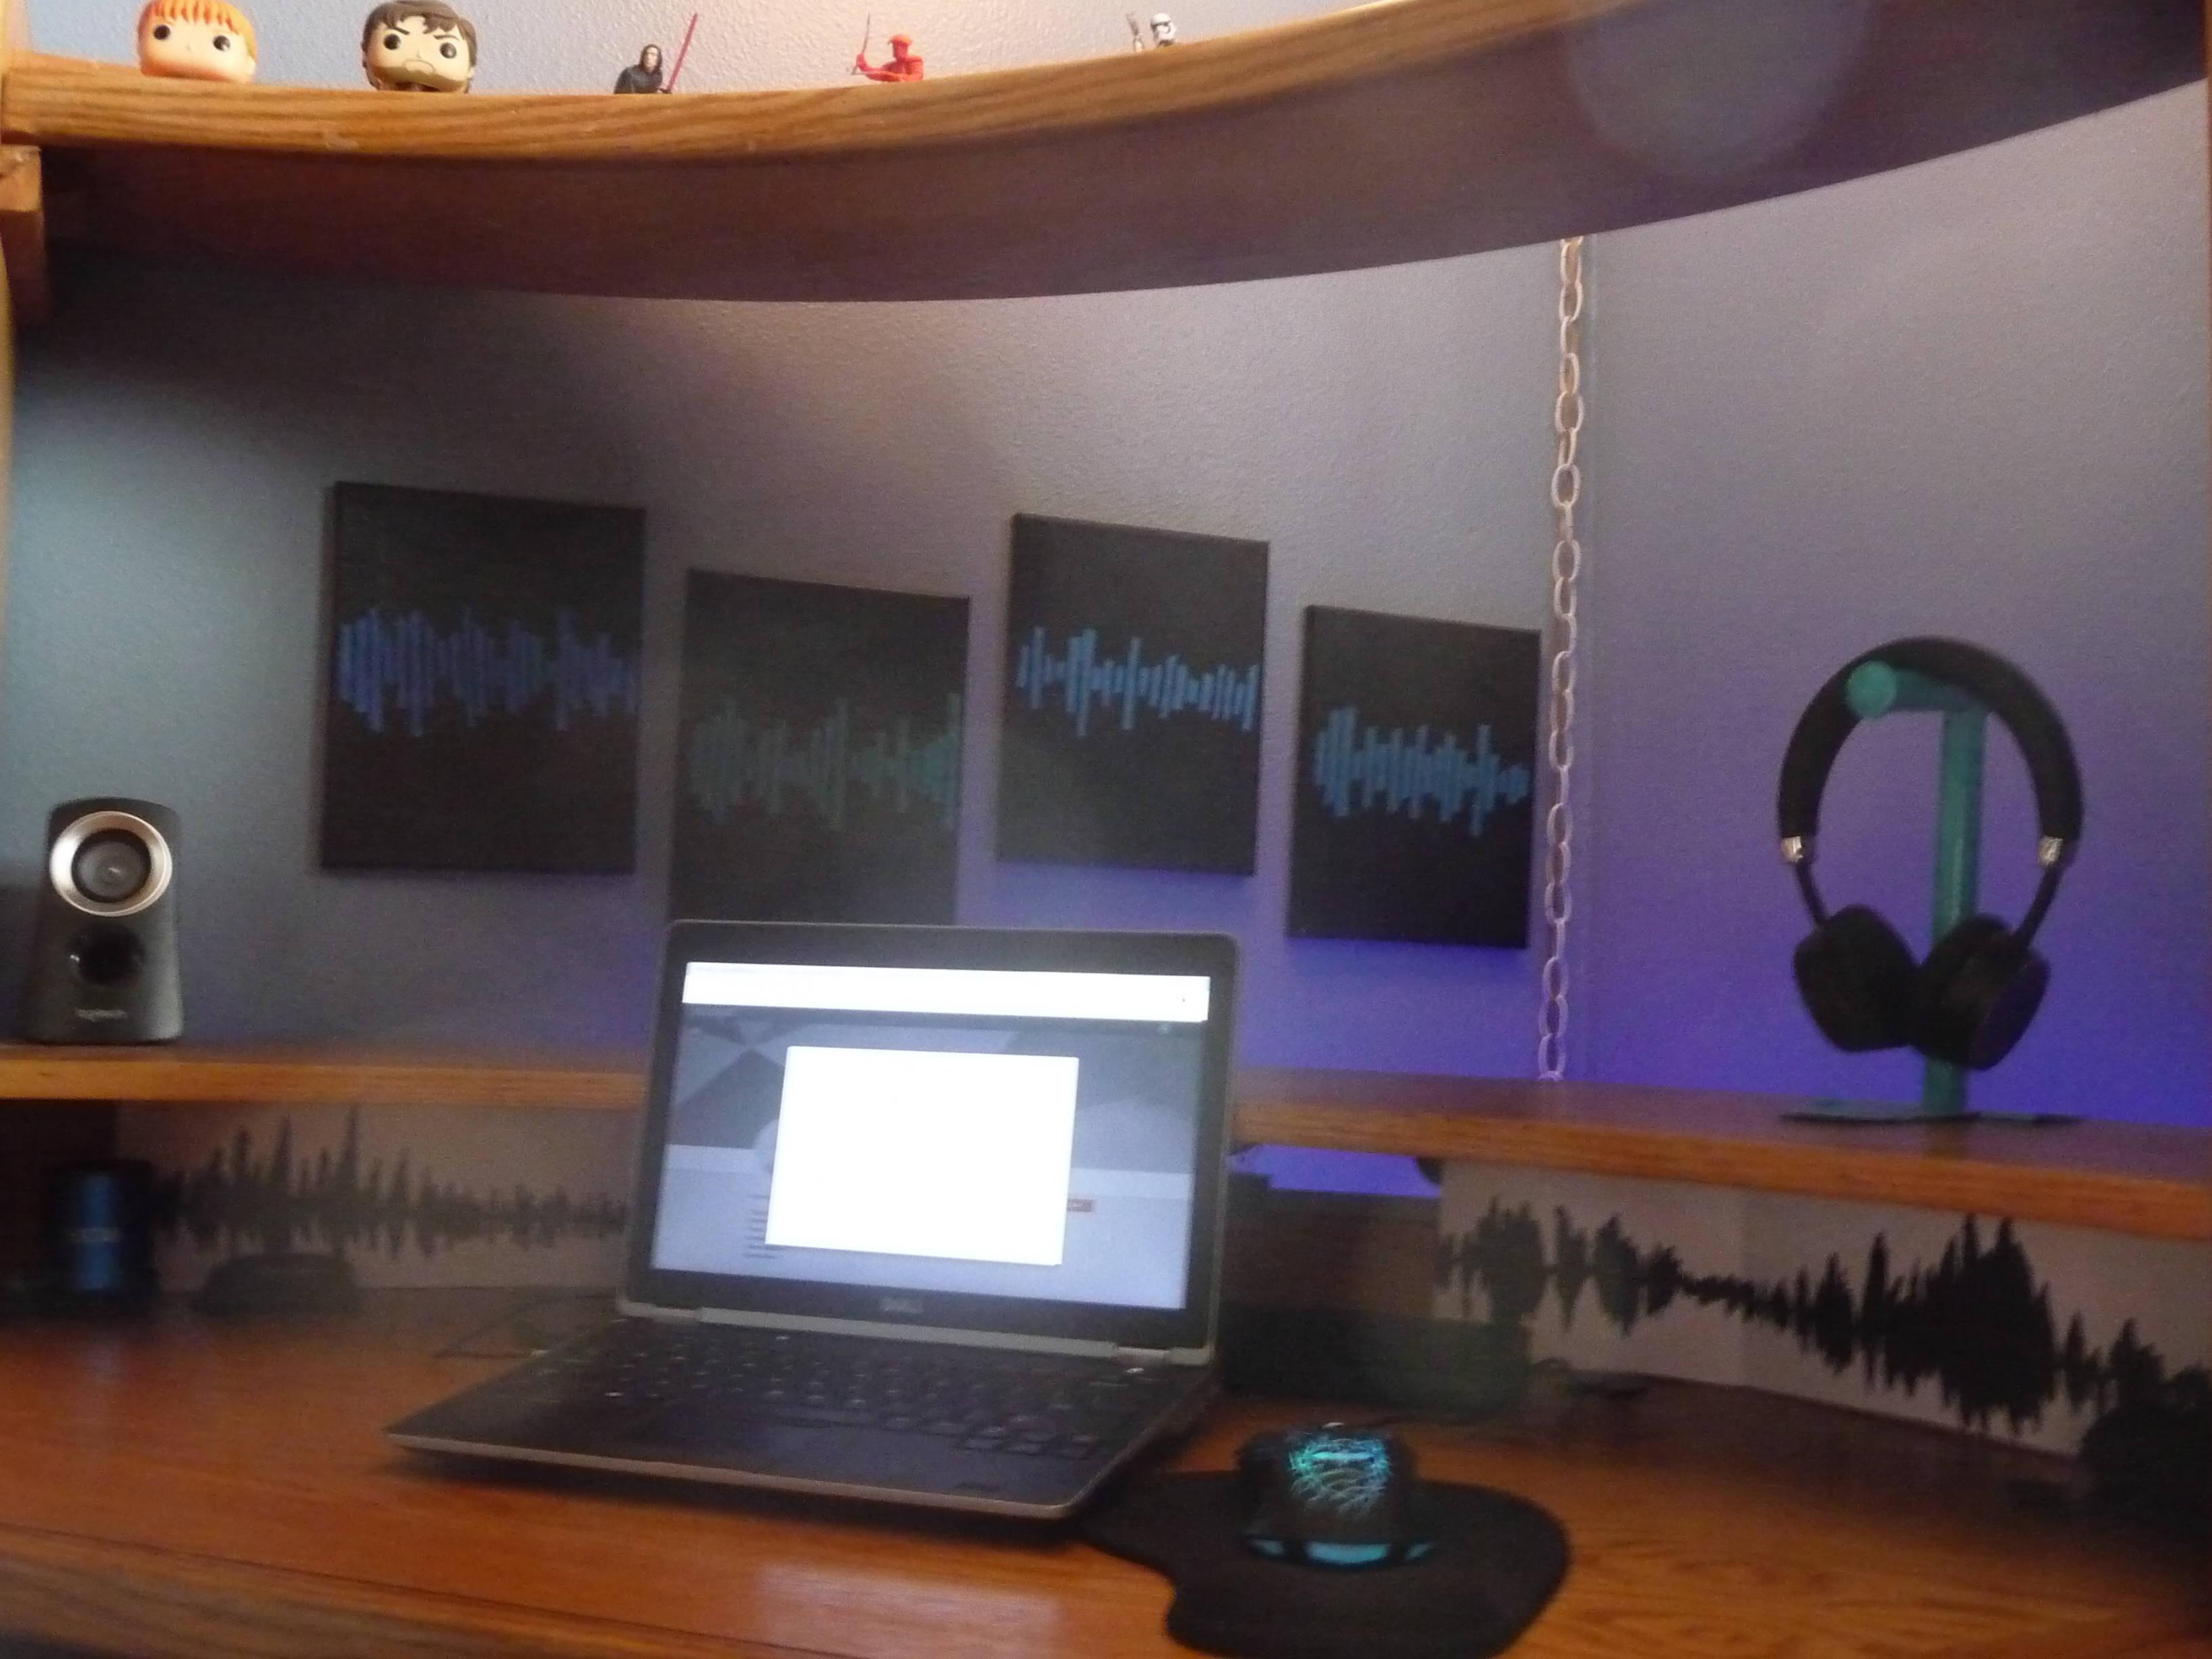 Jj3009's Setup - Laptop Setup | Scooget